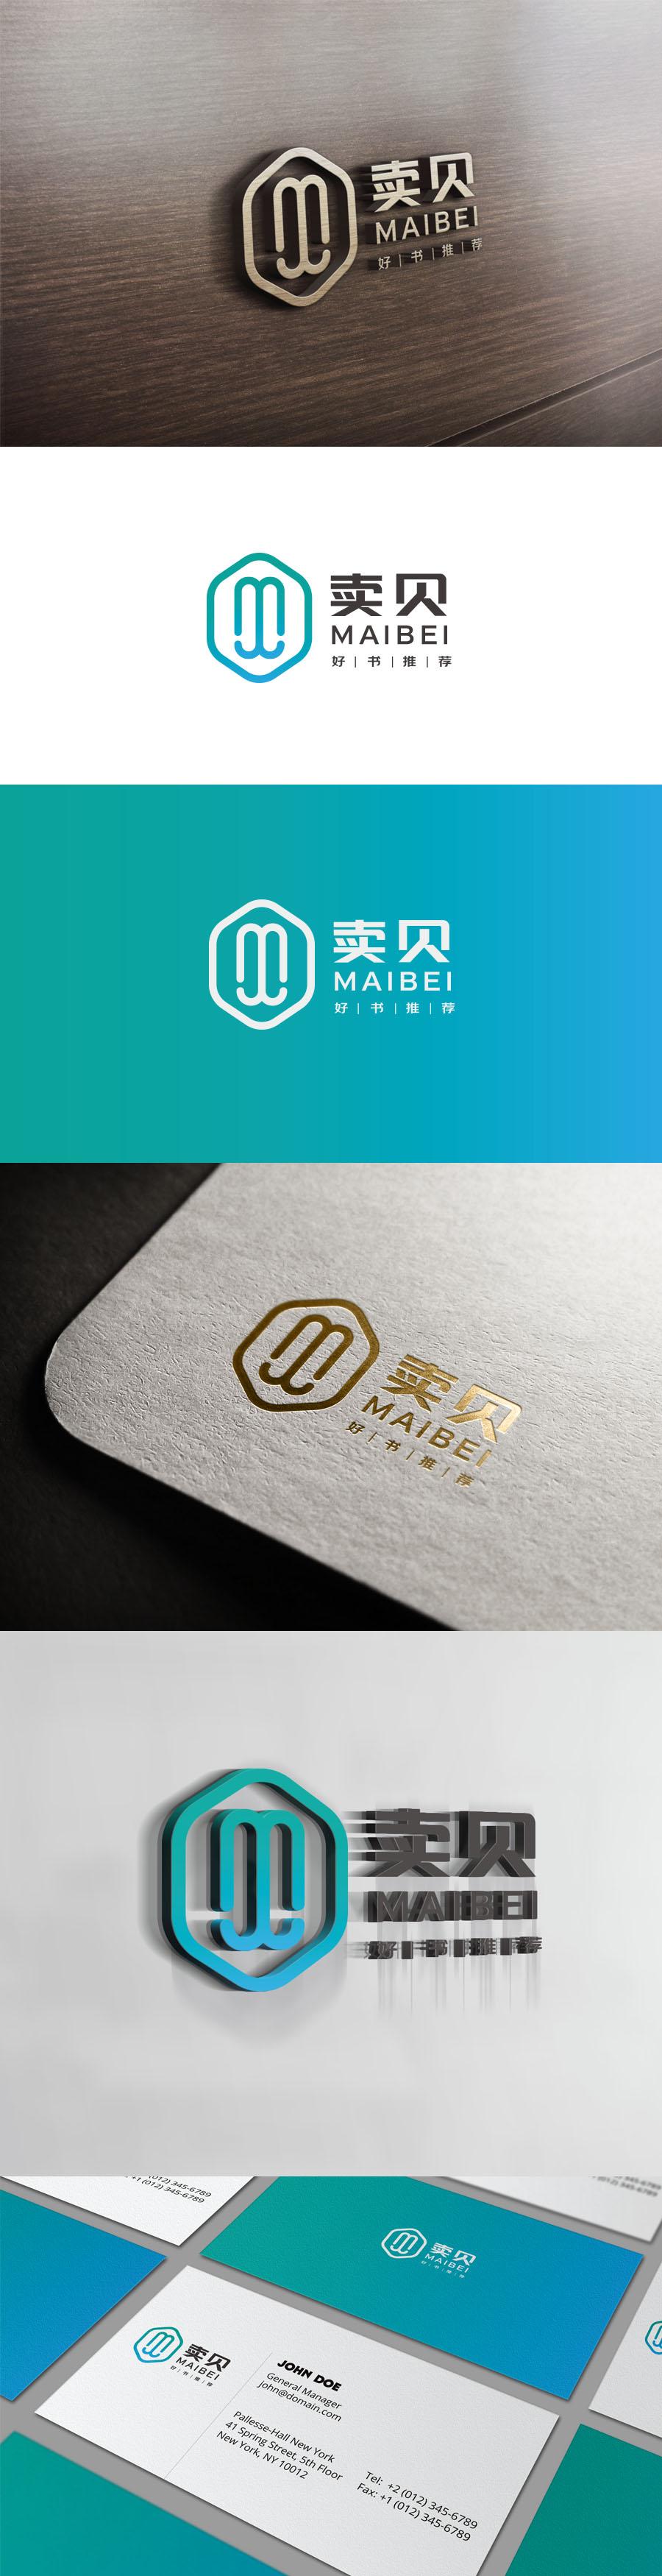 商城logo设计_3036151_k68威客网